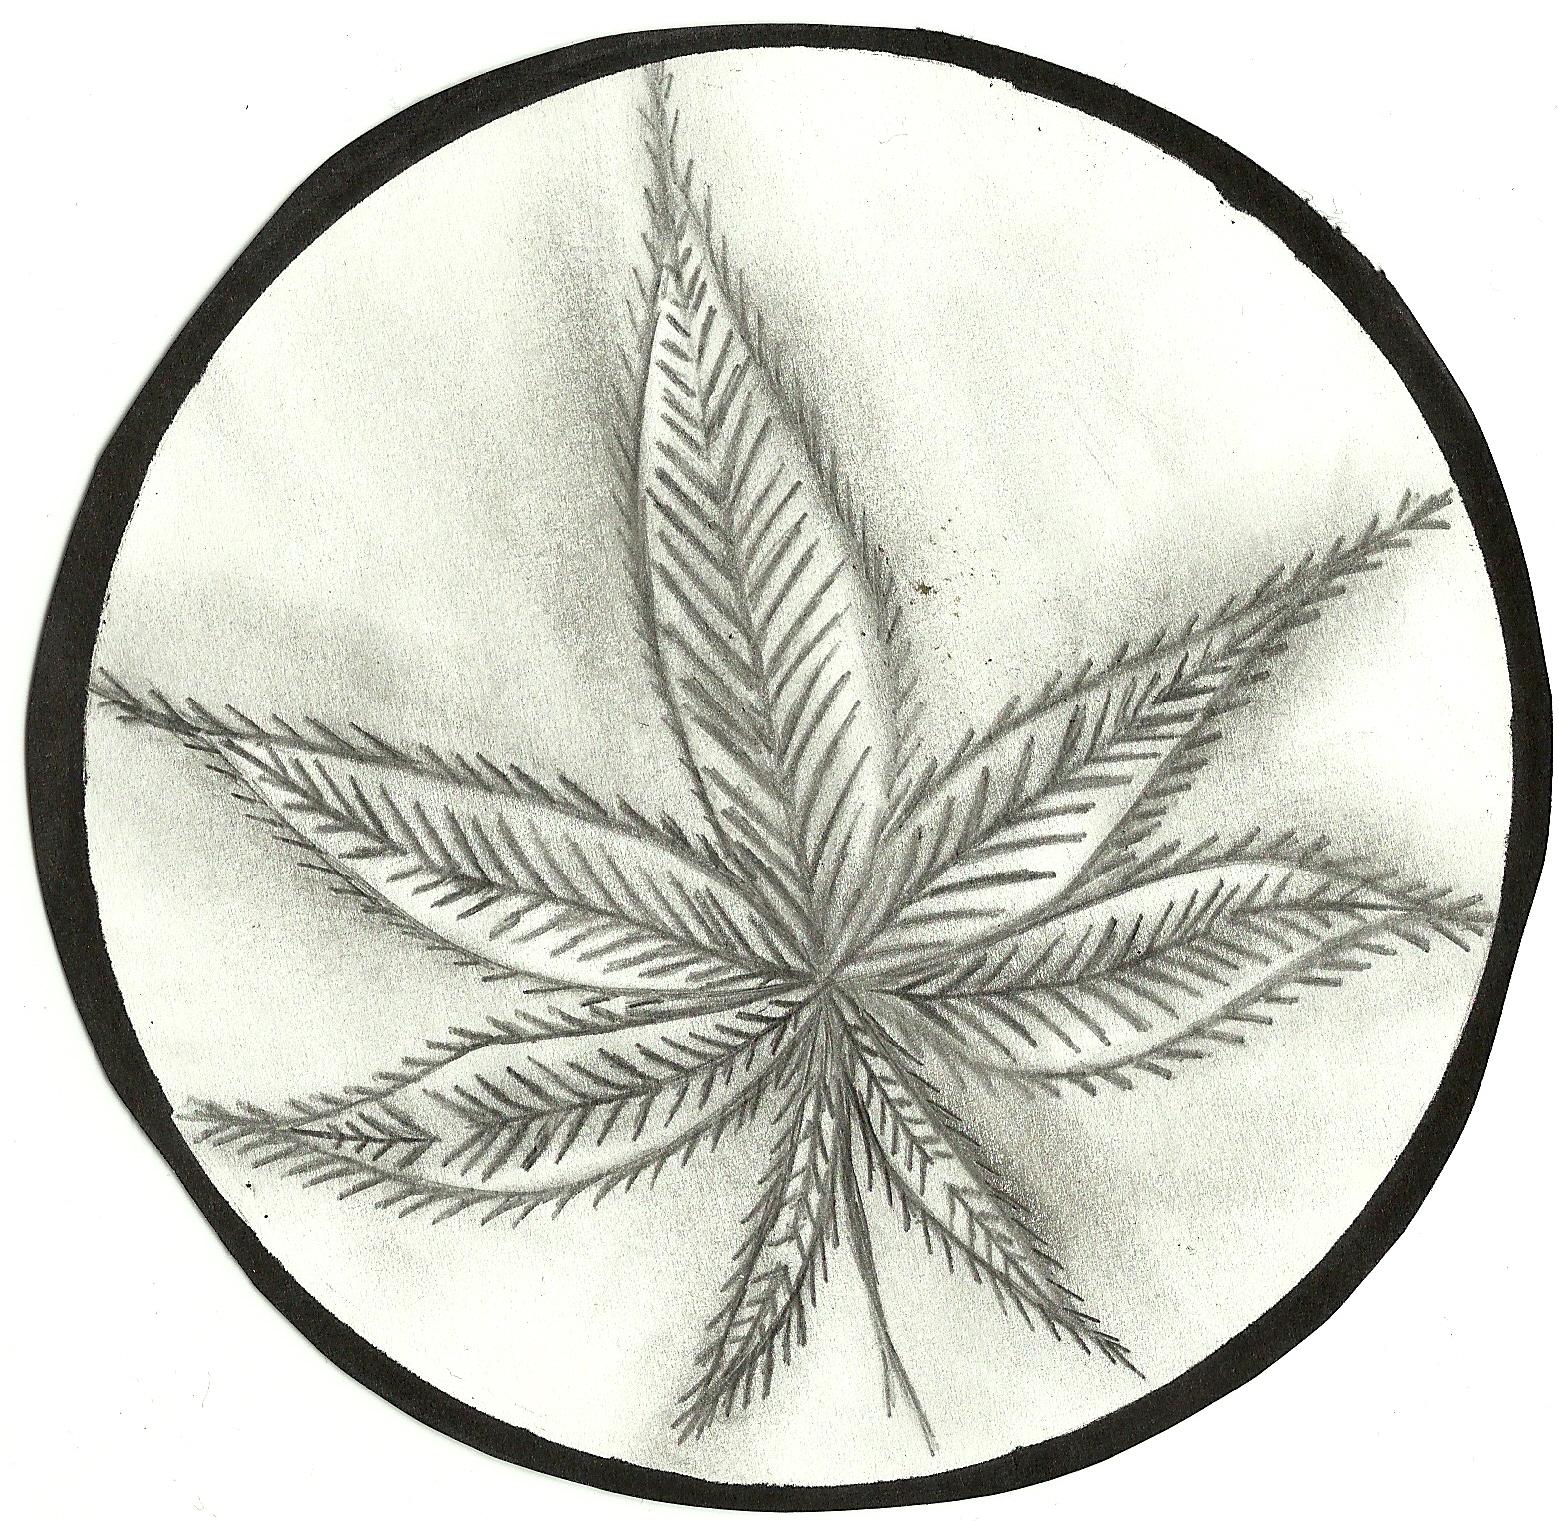 marijuna leaf